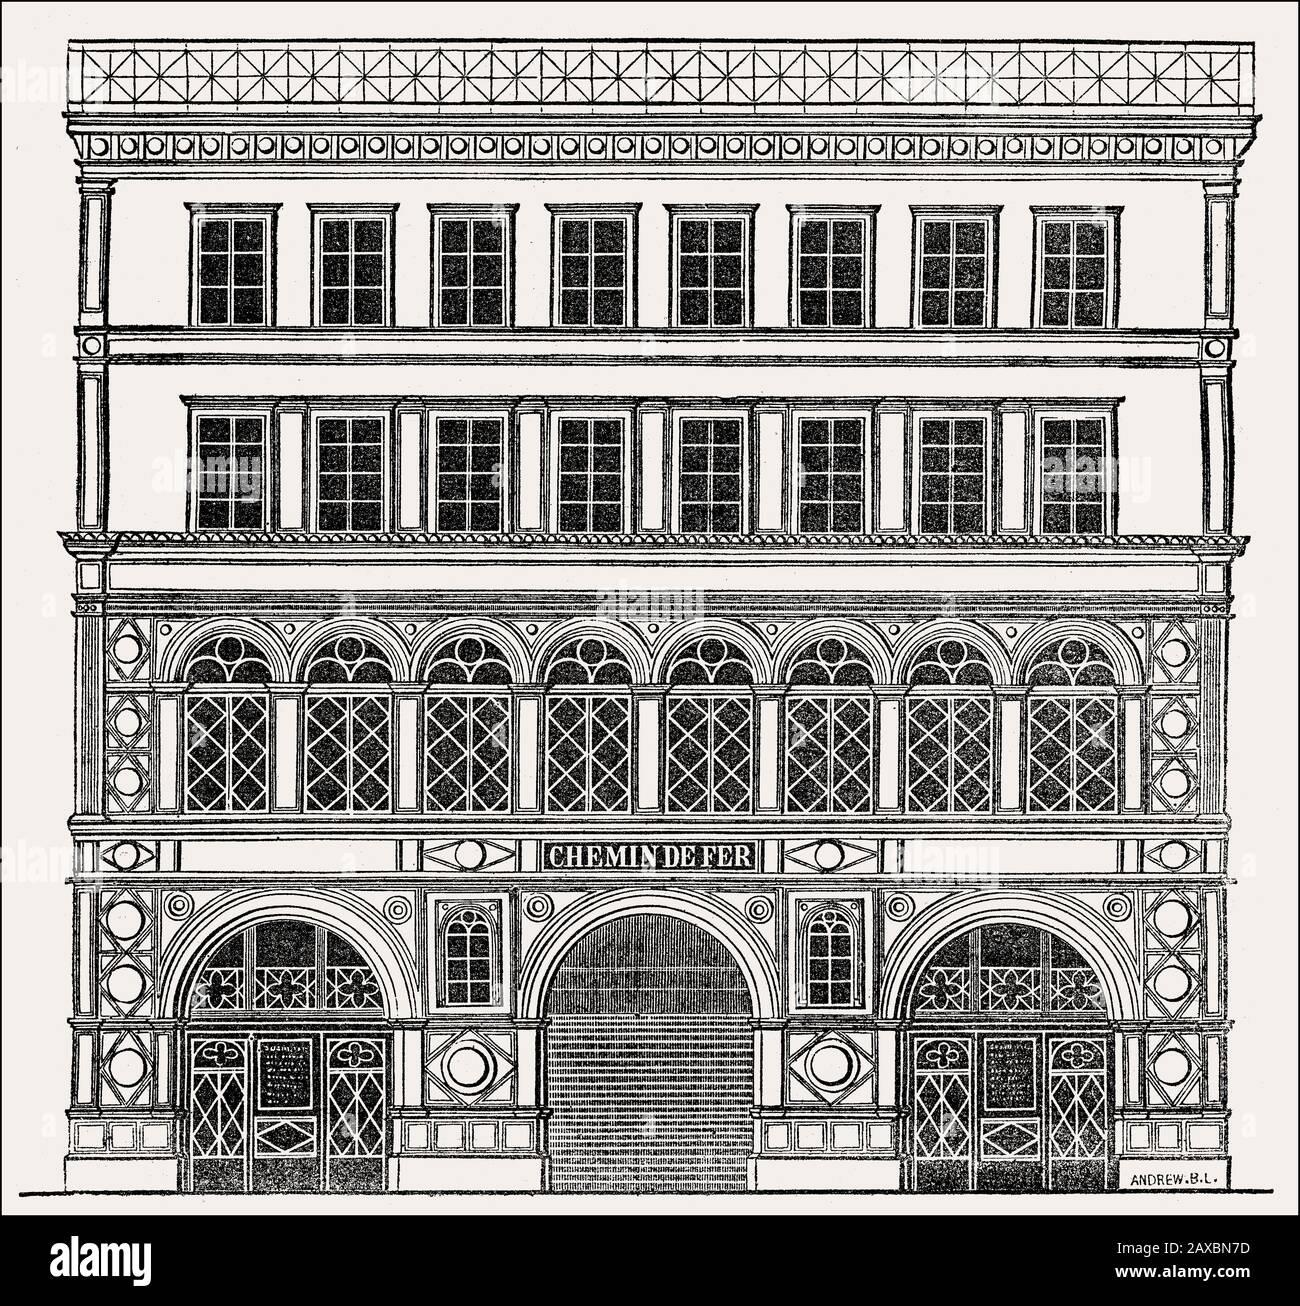 La façade planifiée de la gare de la Madeleine, rue Tronchet, Paris, France, 1830 Banque D'Images